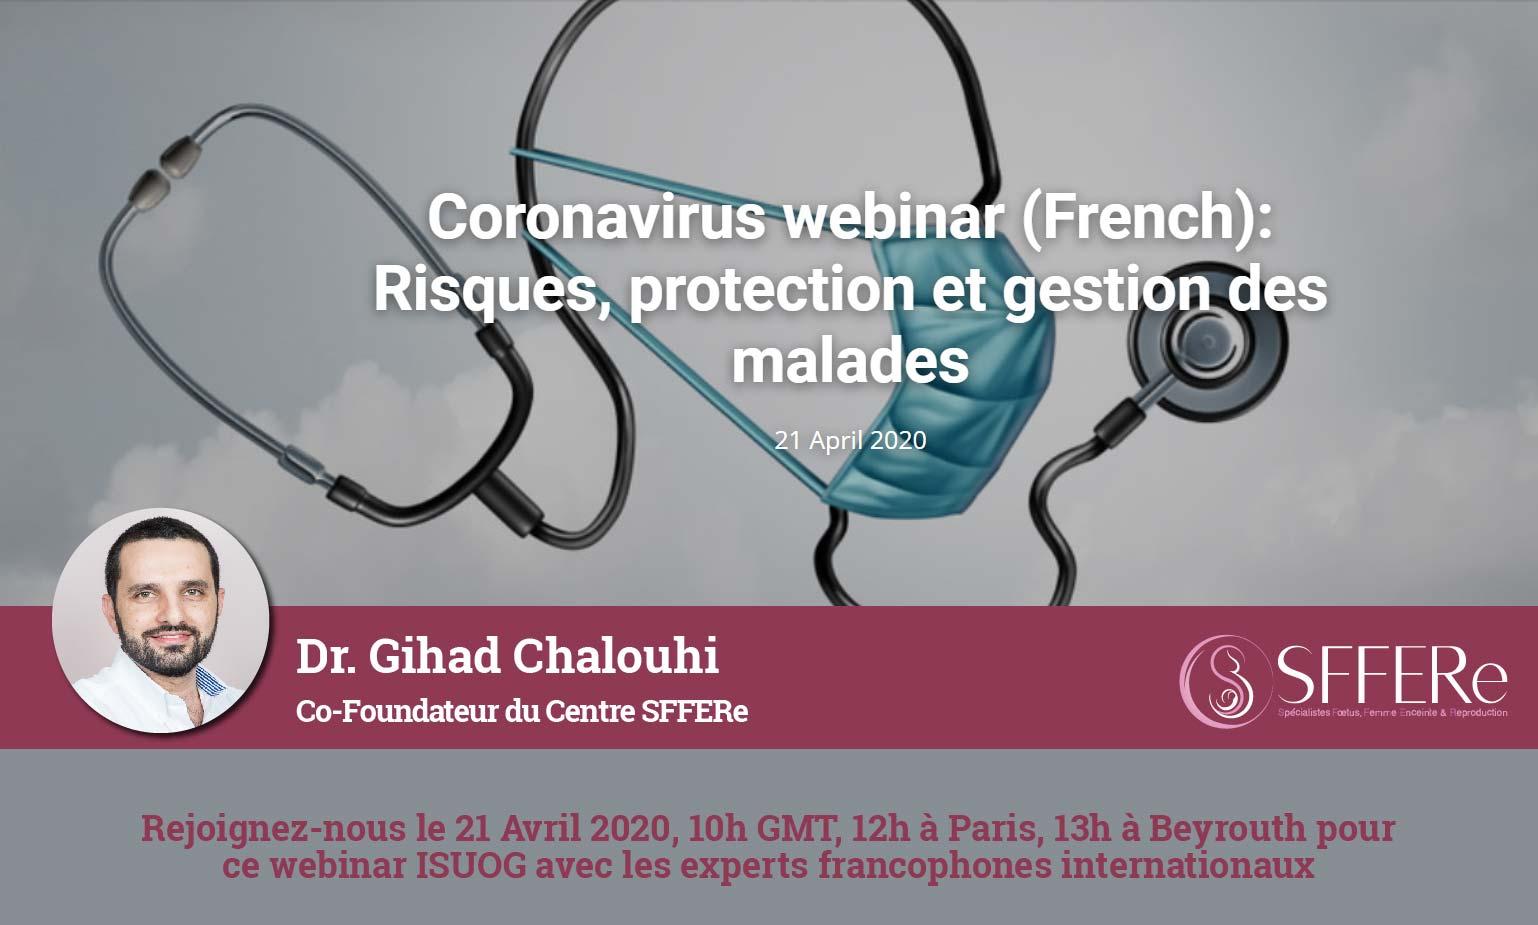 Coronavirus webinar : Risques, protection et gestion des malades